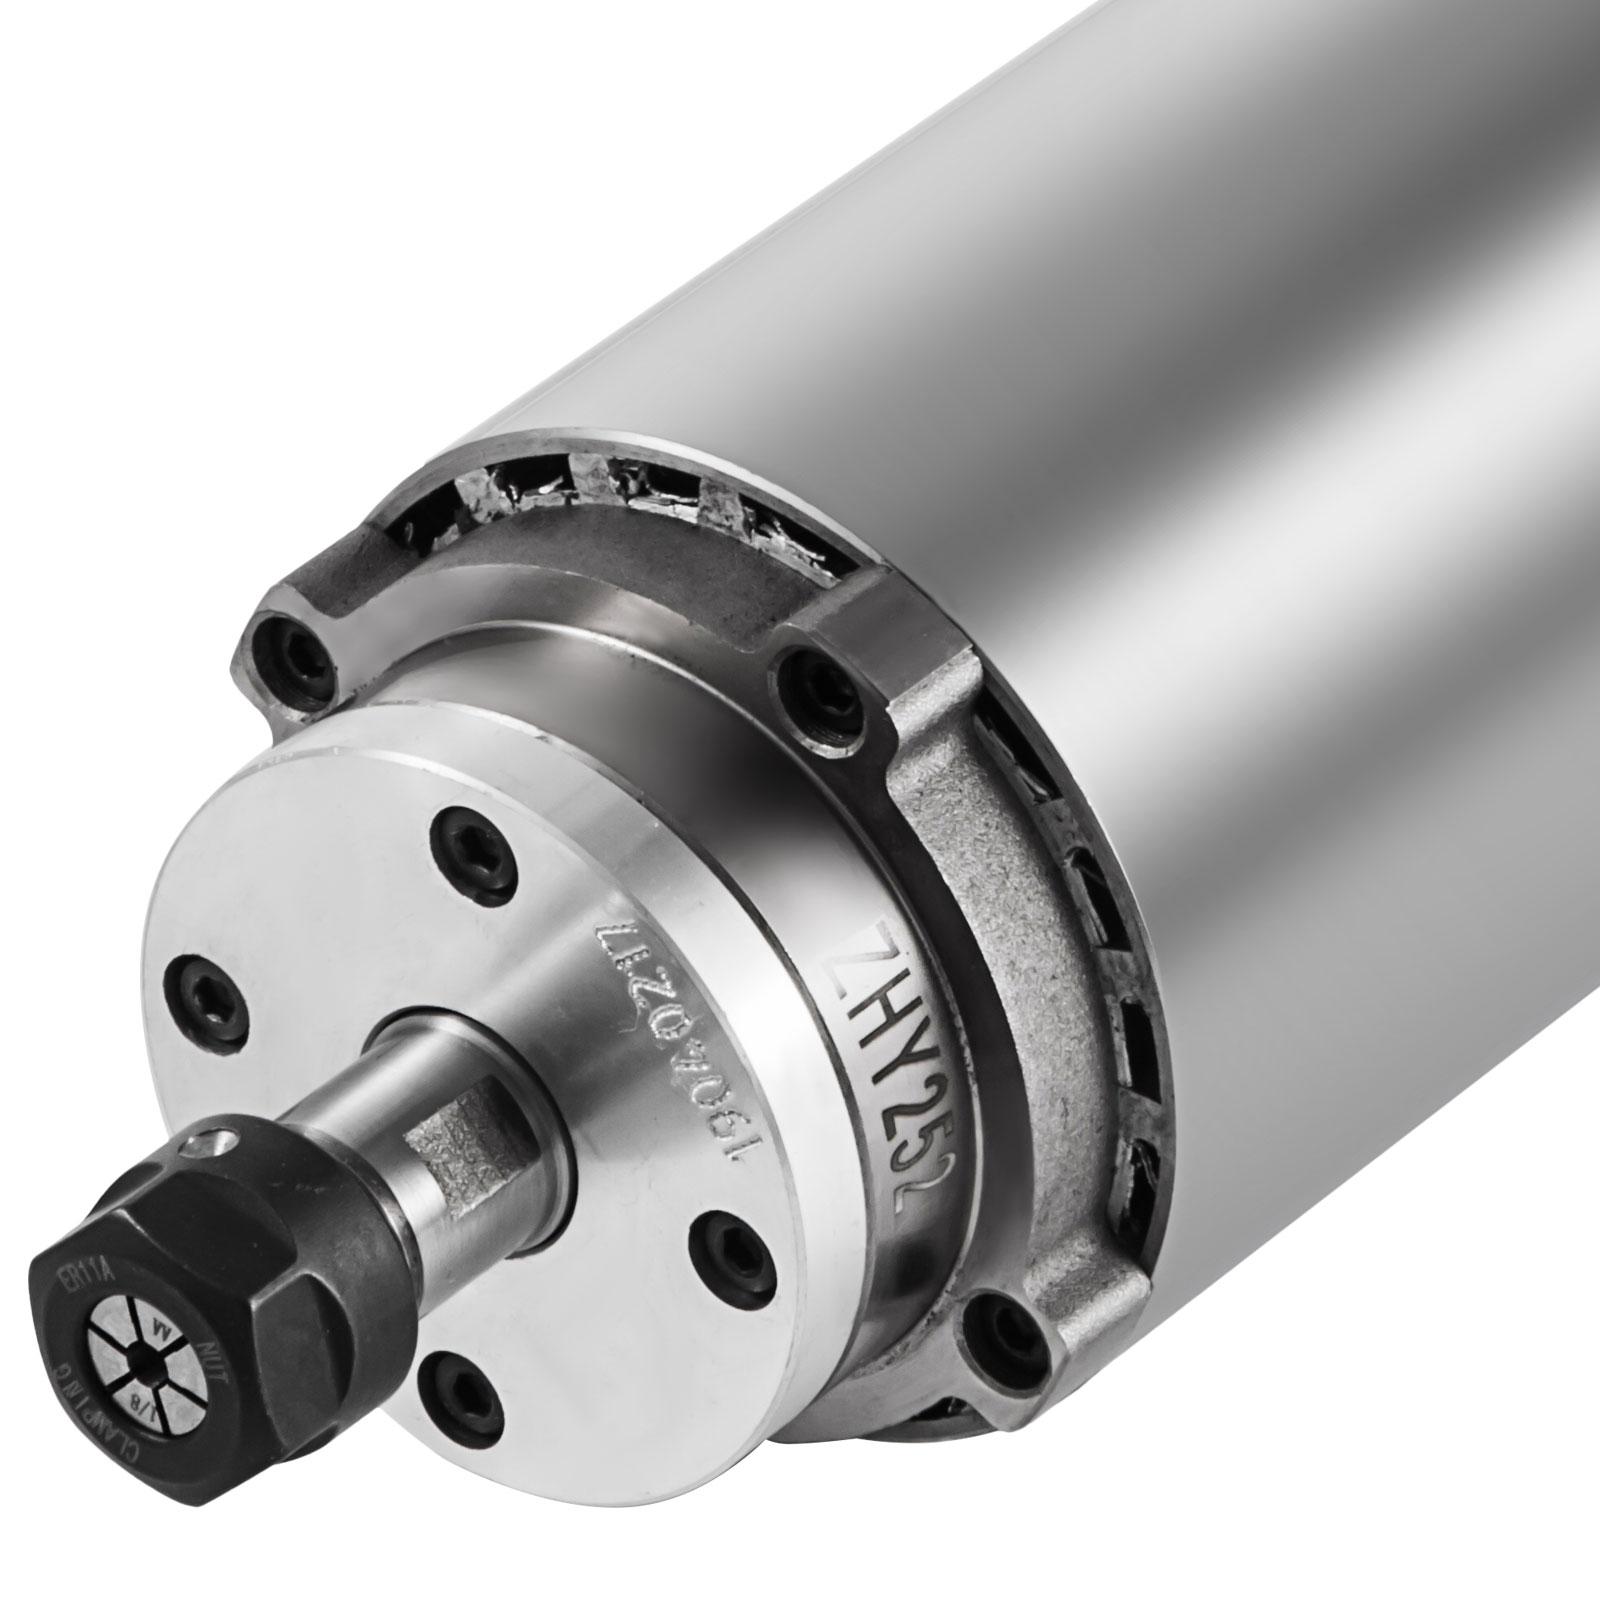 1,5KW Spindelmotor linearmotor Luftgekühlte CNC 1500W Grinding Fräsmotor